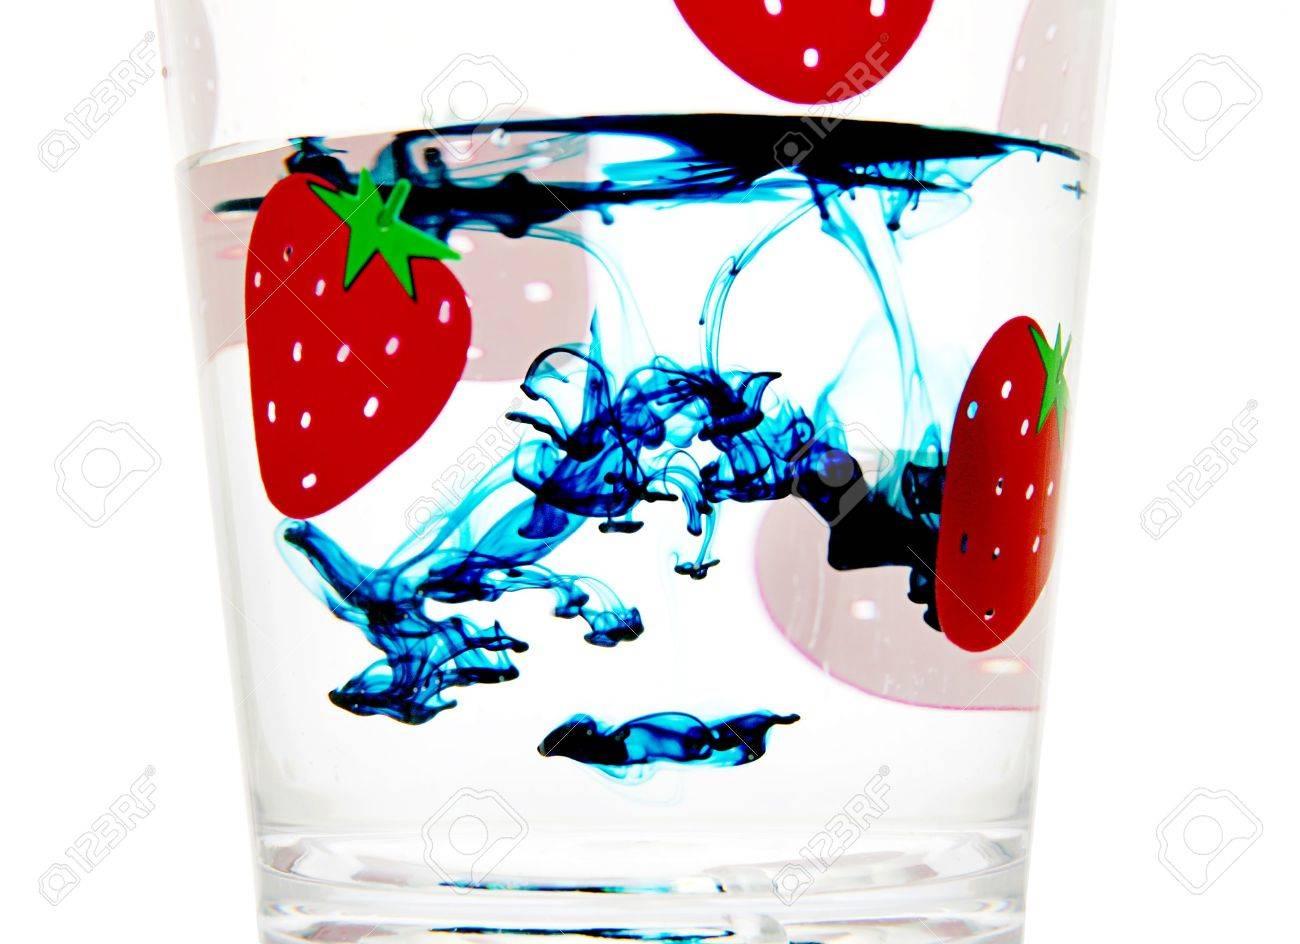 aqua food coloring drops in clear liquid inside a glass